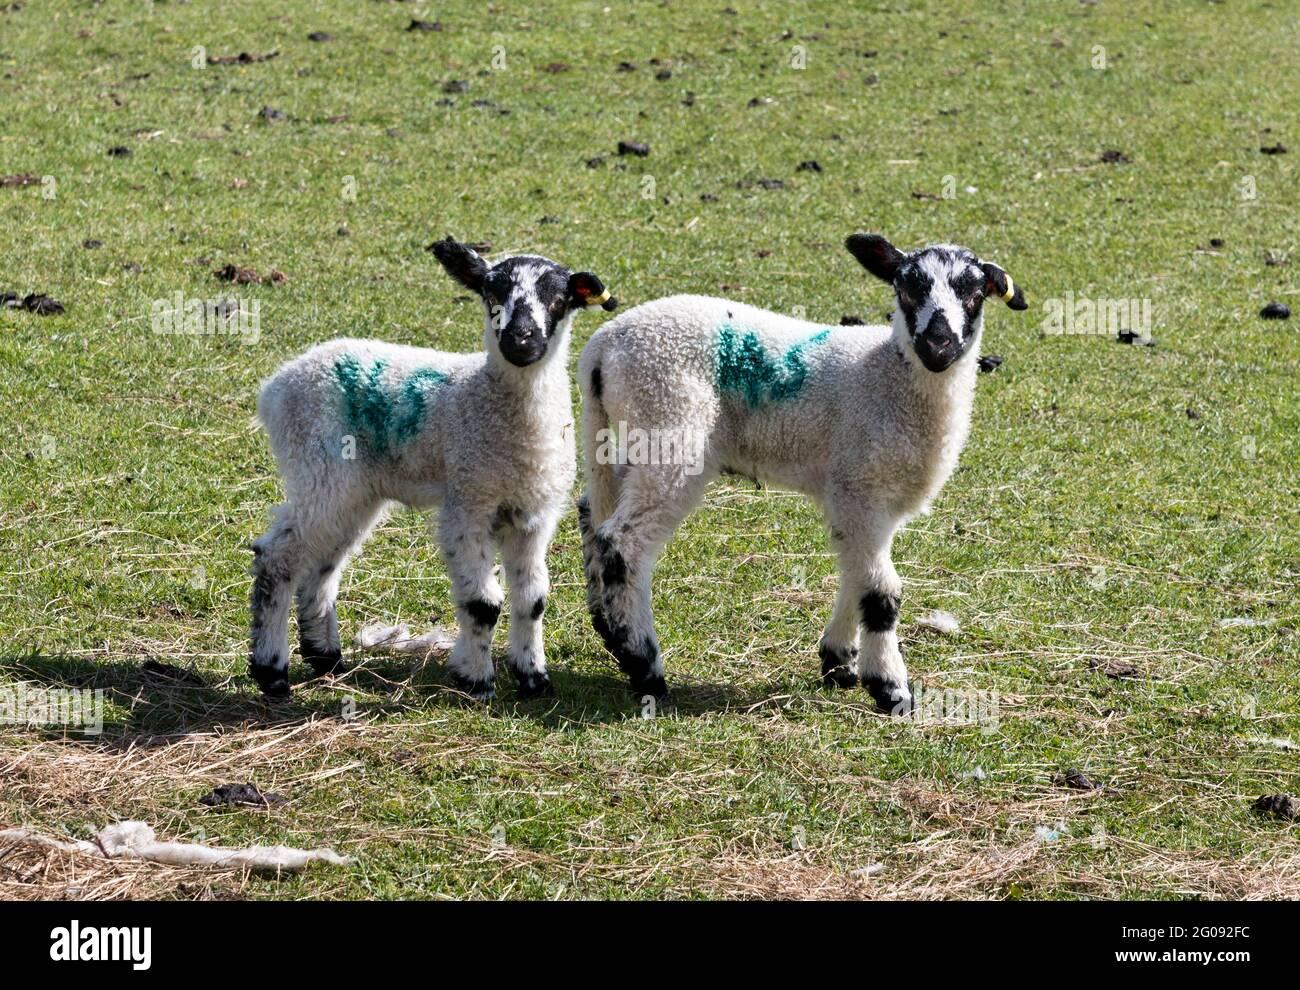 Dos corderos jóvenes en Muker, Swaledale, North Yorkshire, Reino Unido. Los corderos son North Country Mules, una conocida raza cruzada Yorkshire Dales. Foto de stock